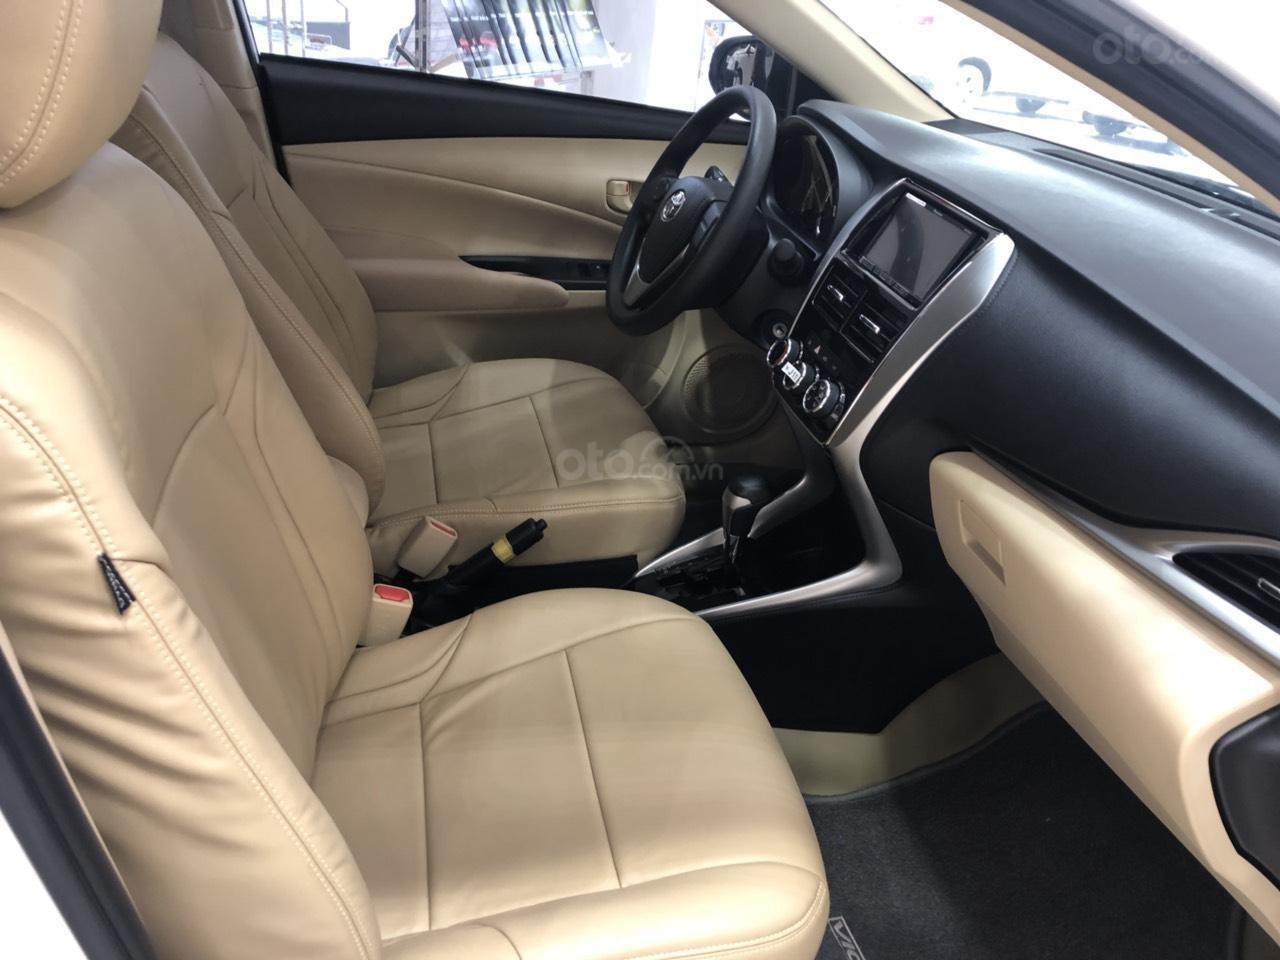 Bán Toyota Vios 1.5E CVT 2020 - bán trả góp - trả 130tr nhận ngay xe (4)